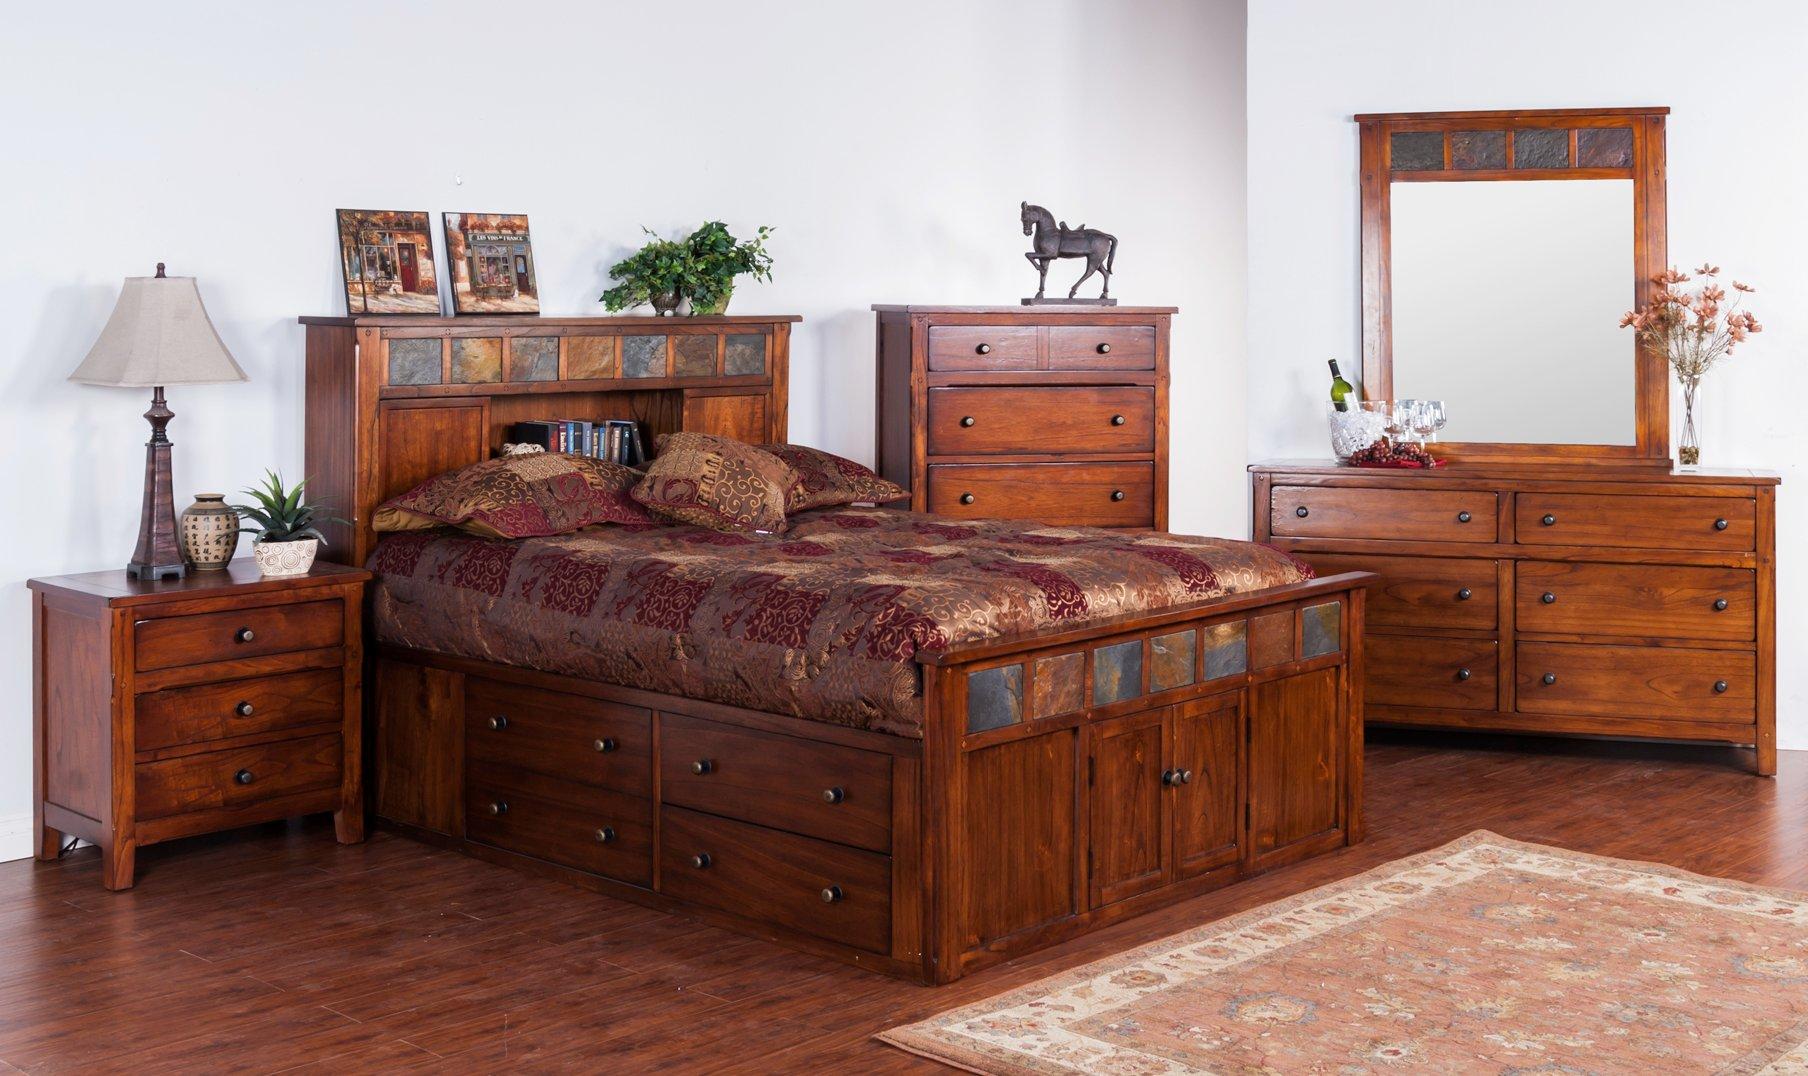 podestbett bauen lassen alles ber wohndesign und m belideen. Black Bedroom Furniture Sets. Home Design Ideas